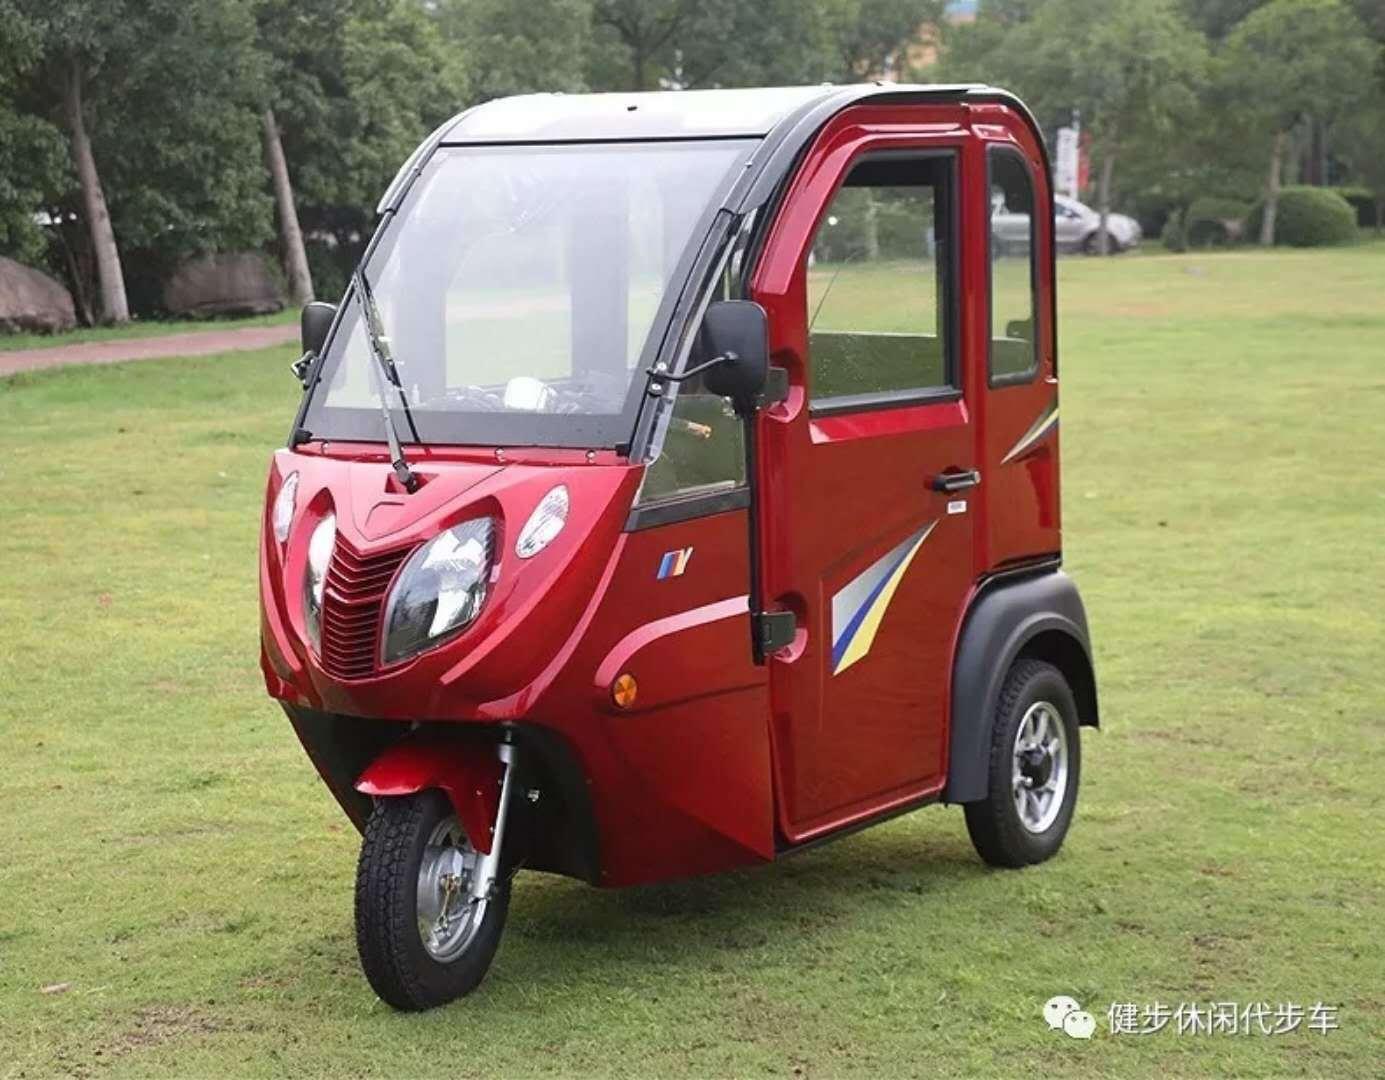 健步-冬云760 三轮封闭电动休闲车60V 带天窗暖风音响简单安全